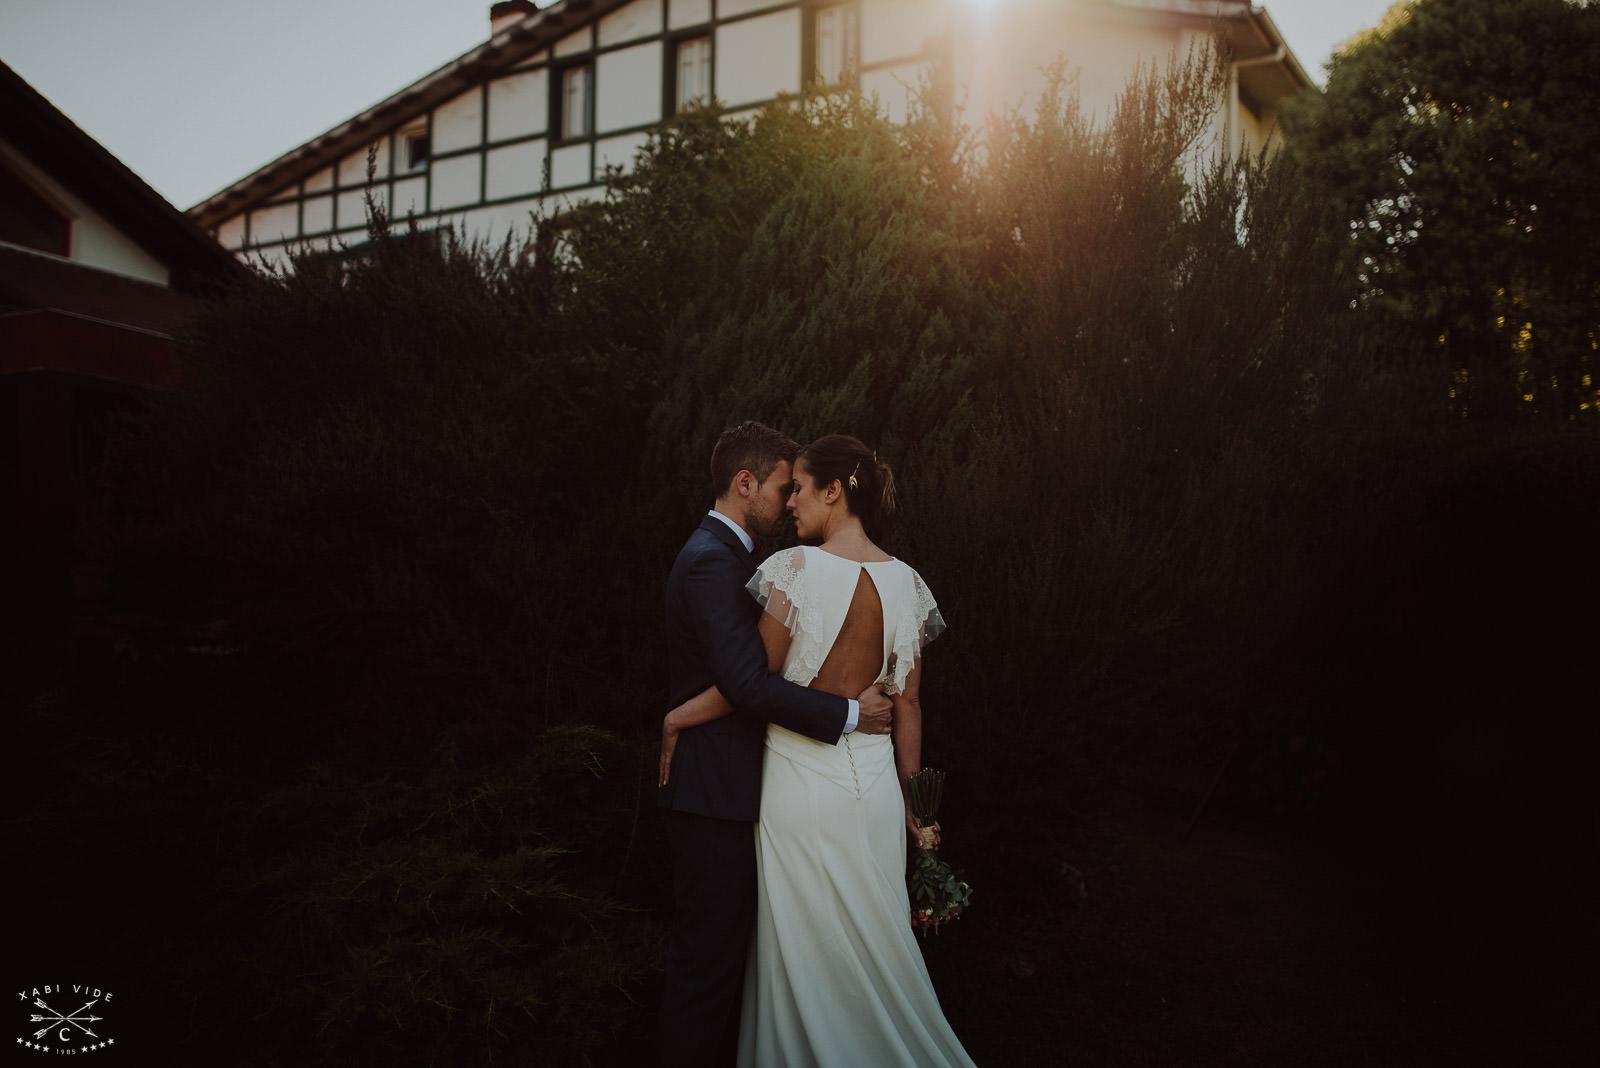 fotografo de bodas en bilbao-174